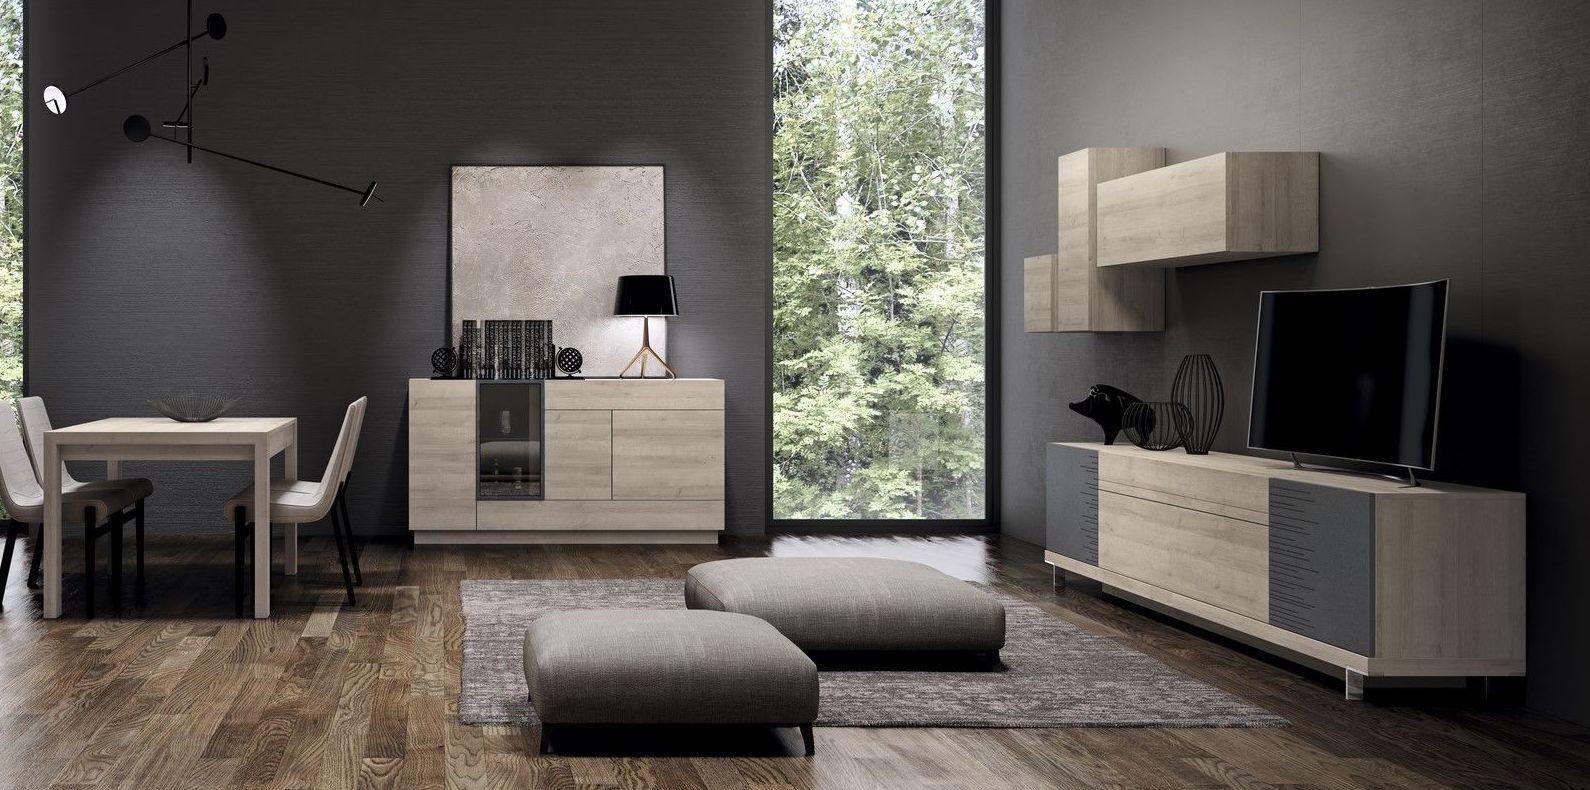 Foto 29 de Muebles y decoración en València | ilumueble